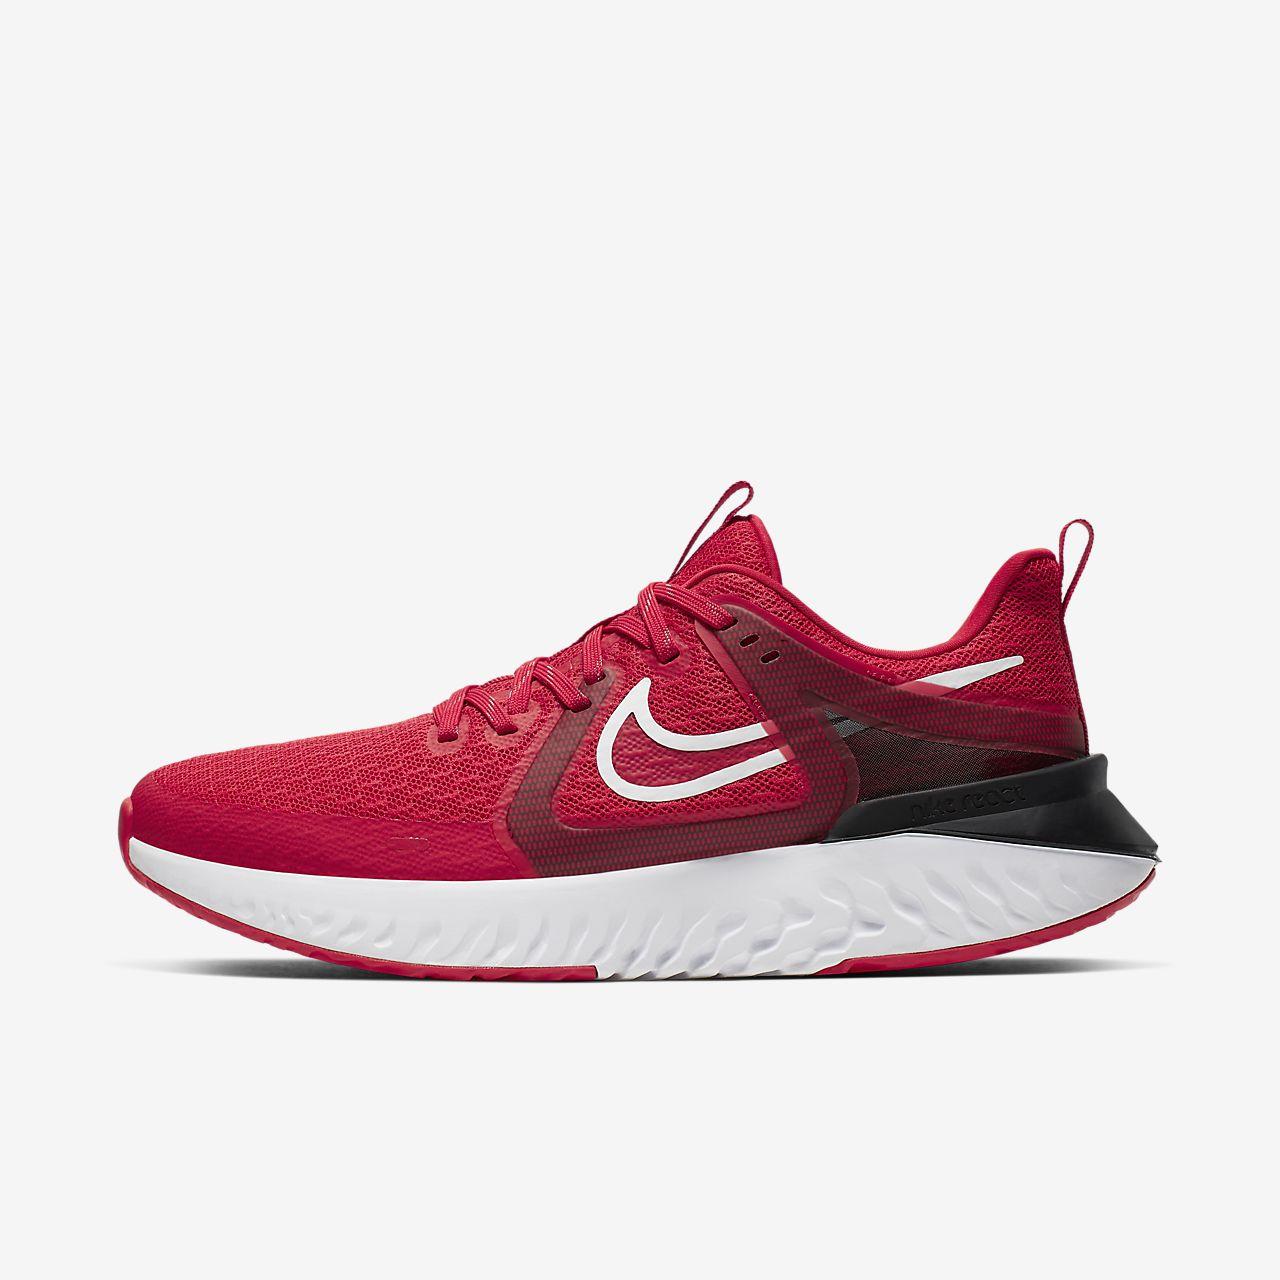 Męskie buty do biegania Nike Legend React 2